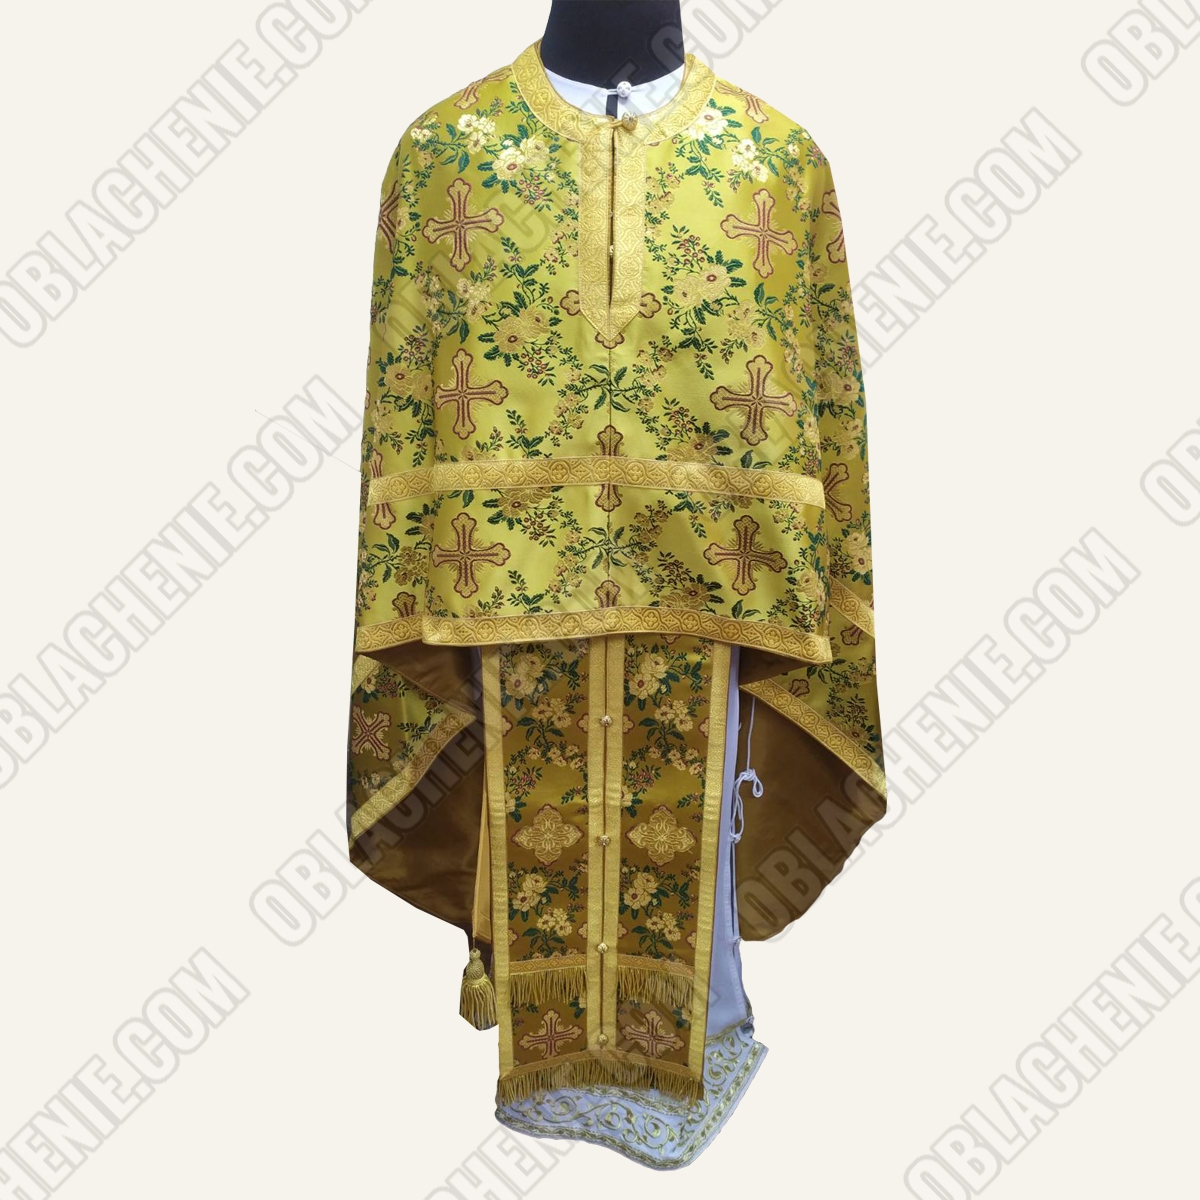 PRIEST'S VESTMENTS 11065